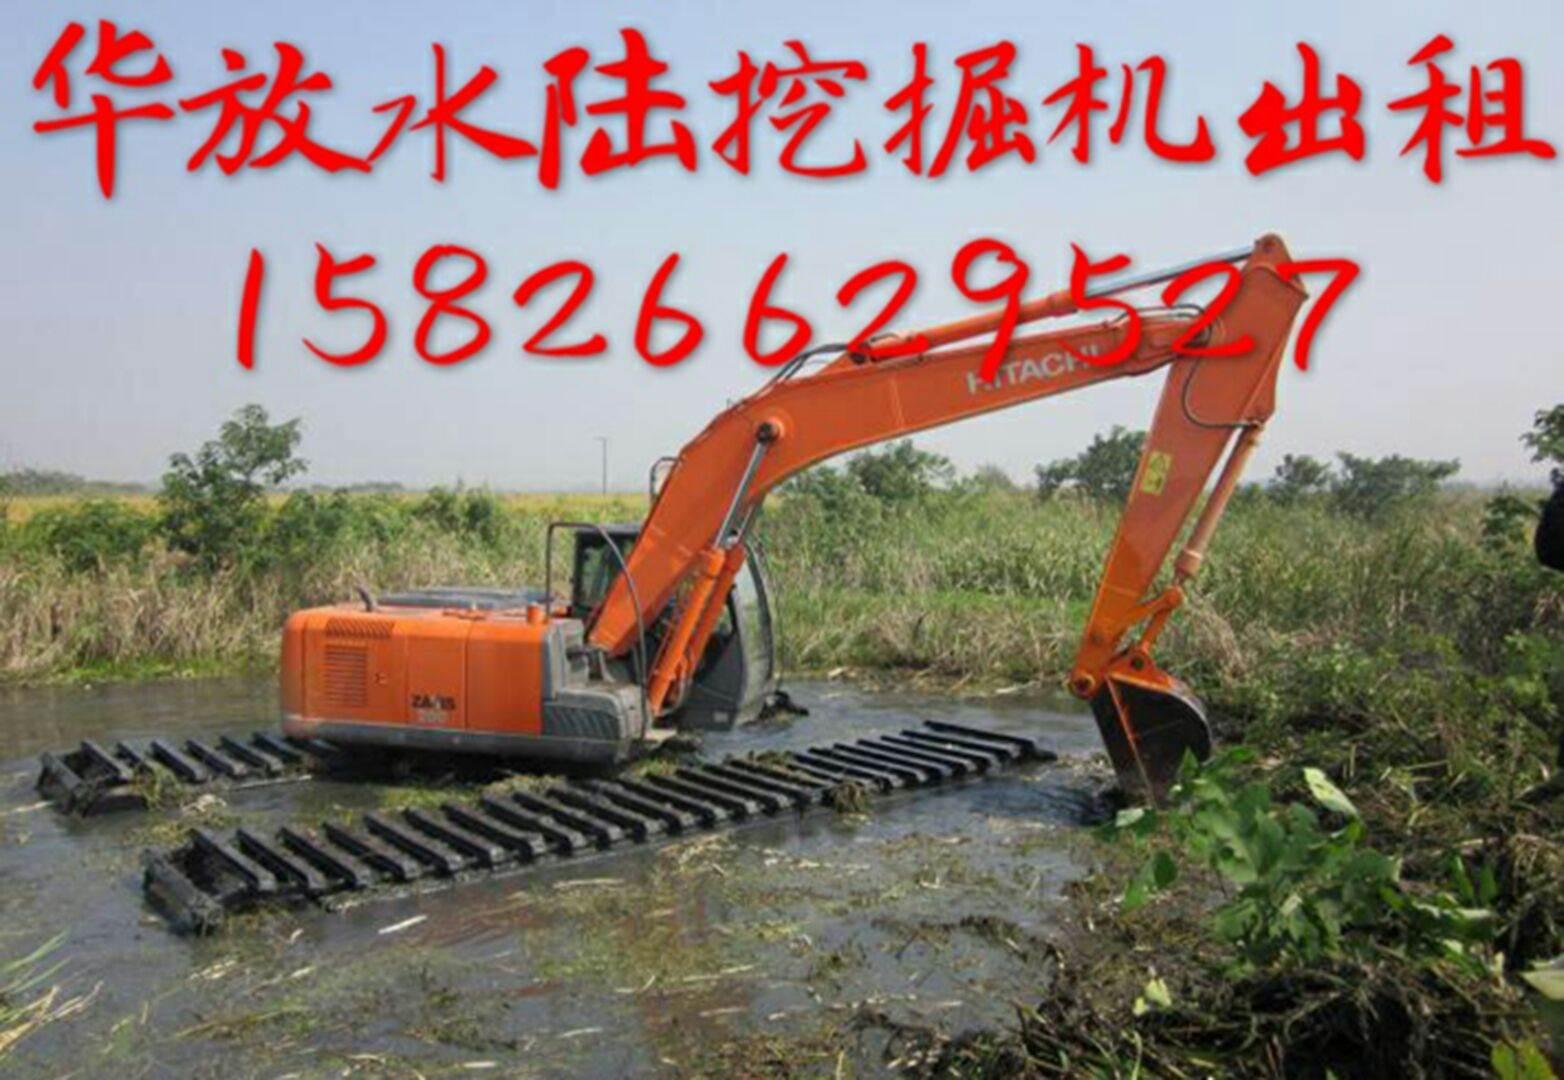 茂名水陆两用挖掘机出租 哪家强 水上挖掘机出租好不好 水挖出租